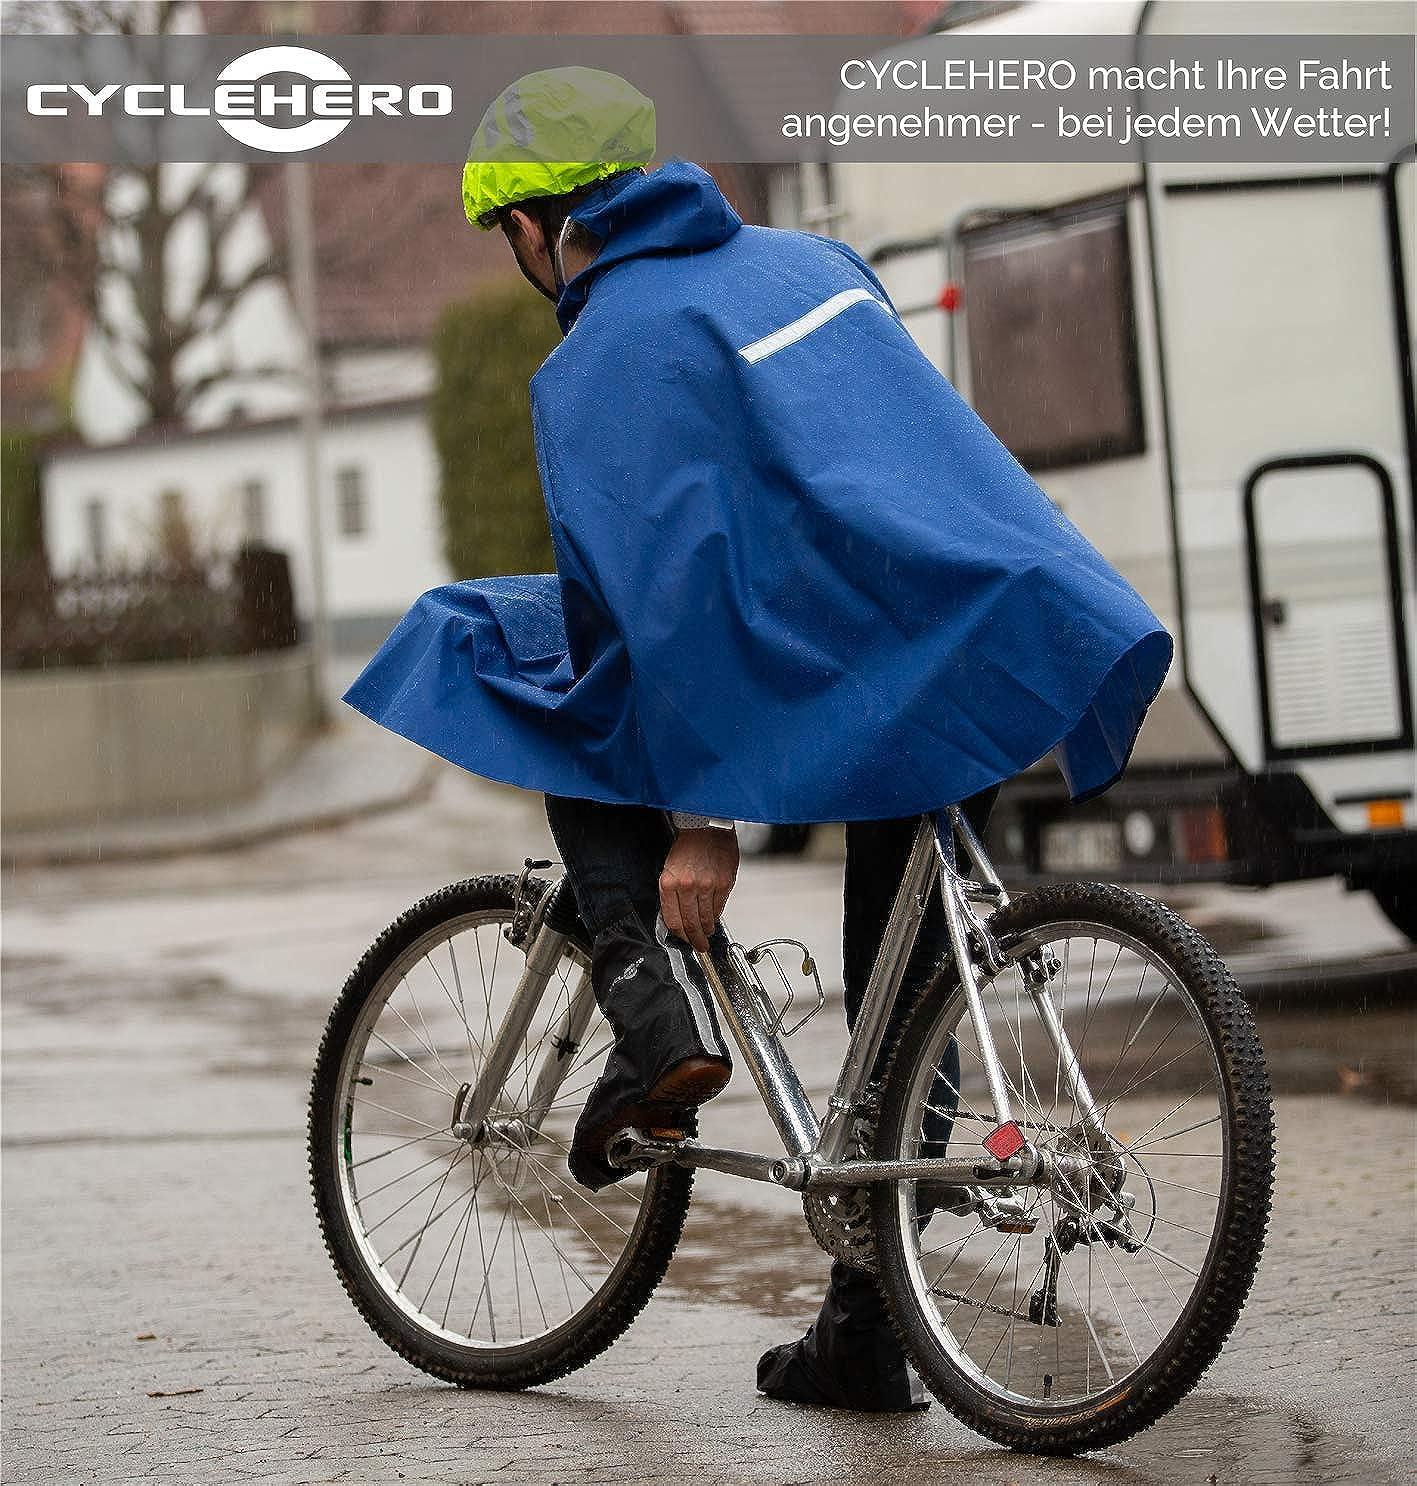 Reflektor-Streifen Regen/überschuhe Outdoor Unisex /Überschuhe Fahrrad untersch. Farben und Gr/ö/ßen /Überschuhe wasserdicht inkl Gr/ö/ßenregulierung und stabiler Lauffl/äche f/ür Herren und Damen